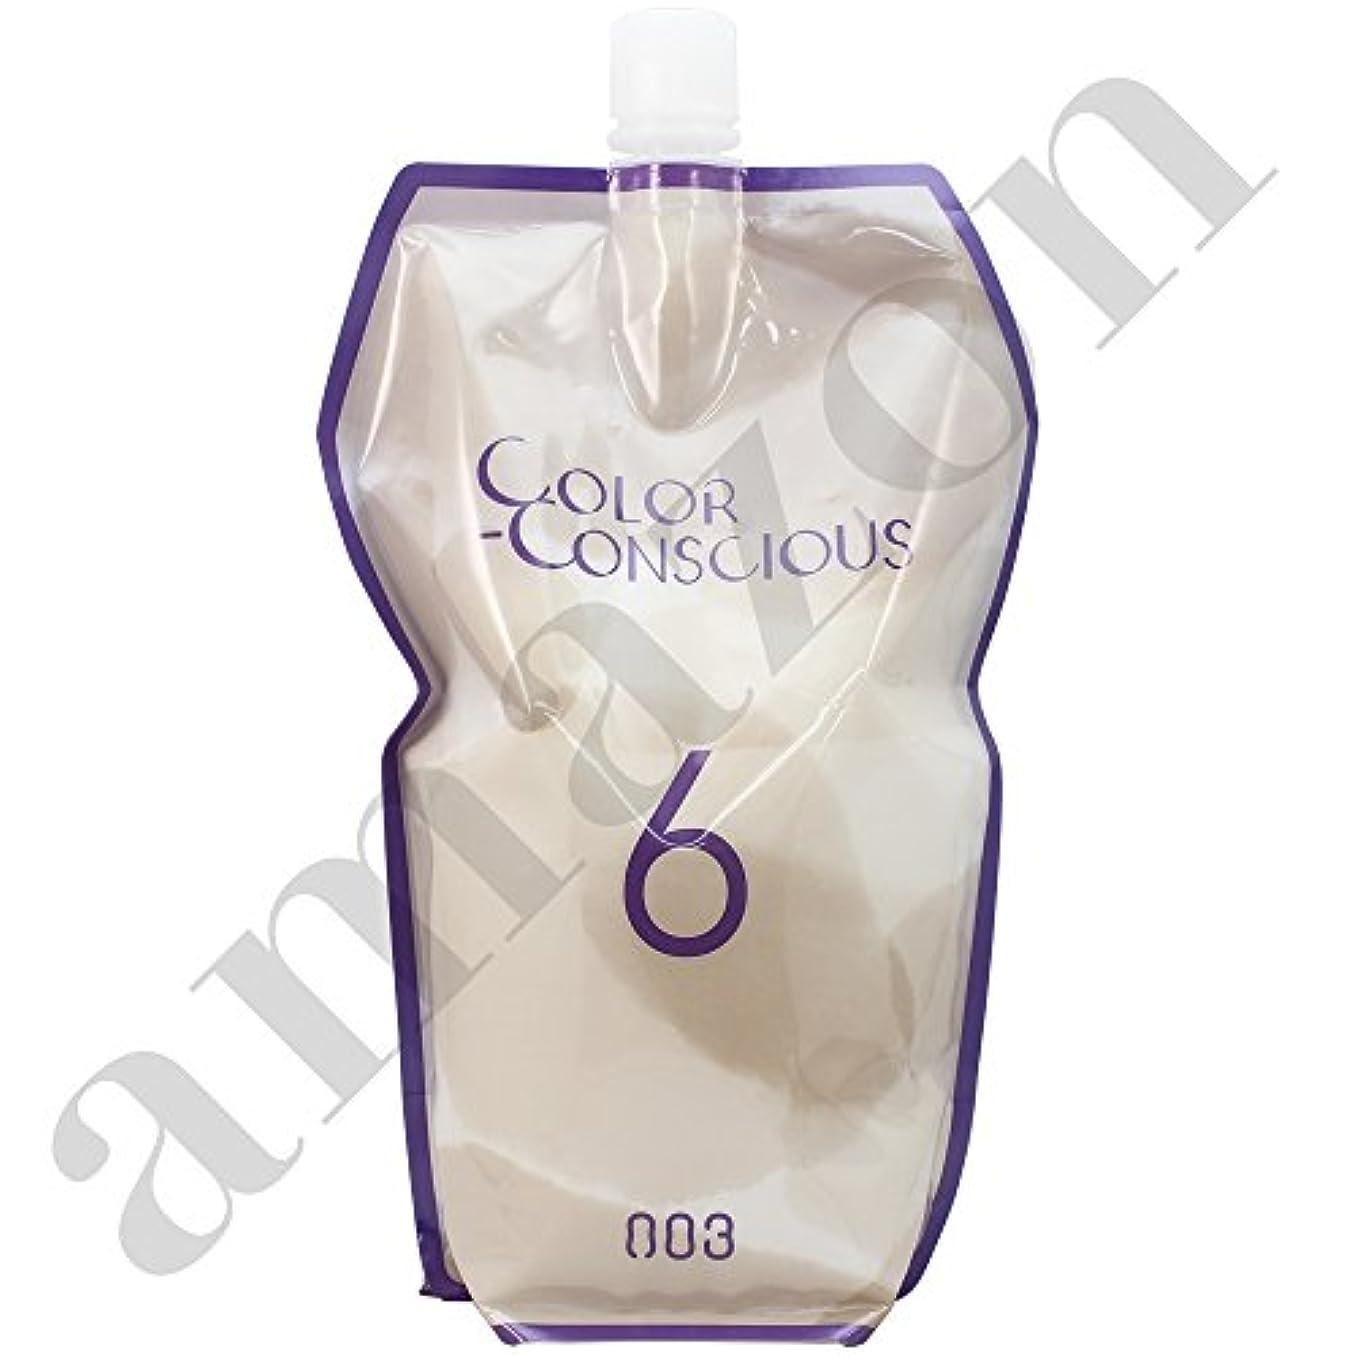 思い出させる因子アルコール【ナンバースリー】カラーコンシャス (2剤) OX6.0 1200ml